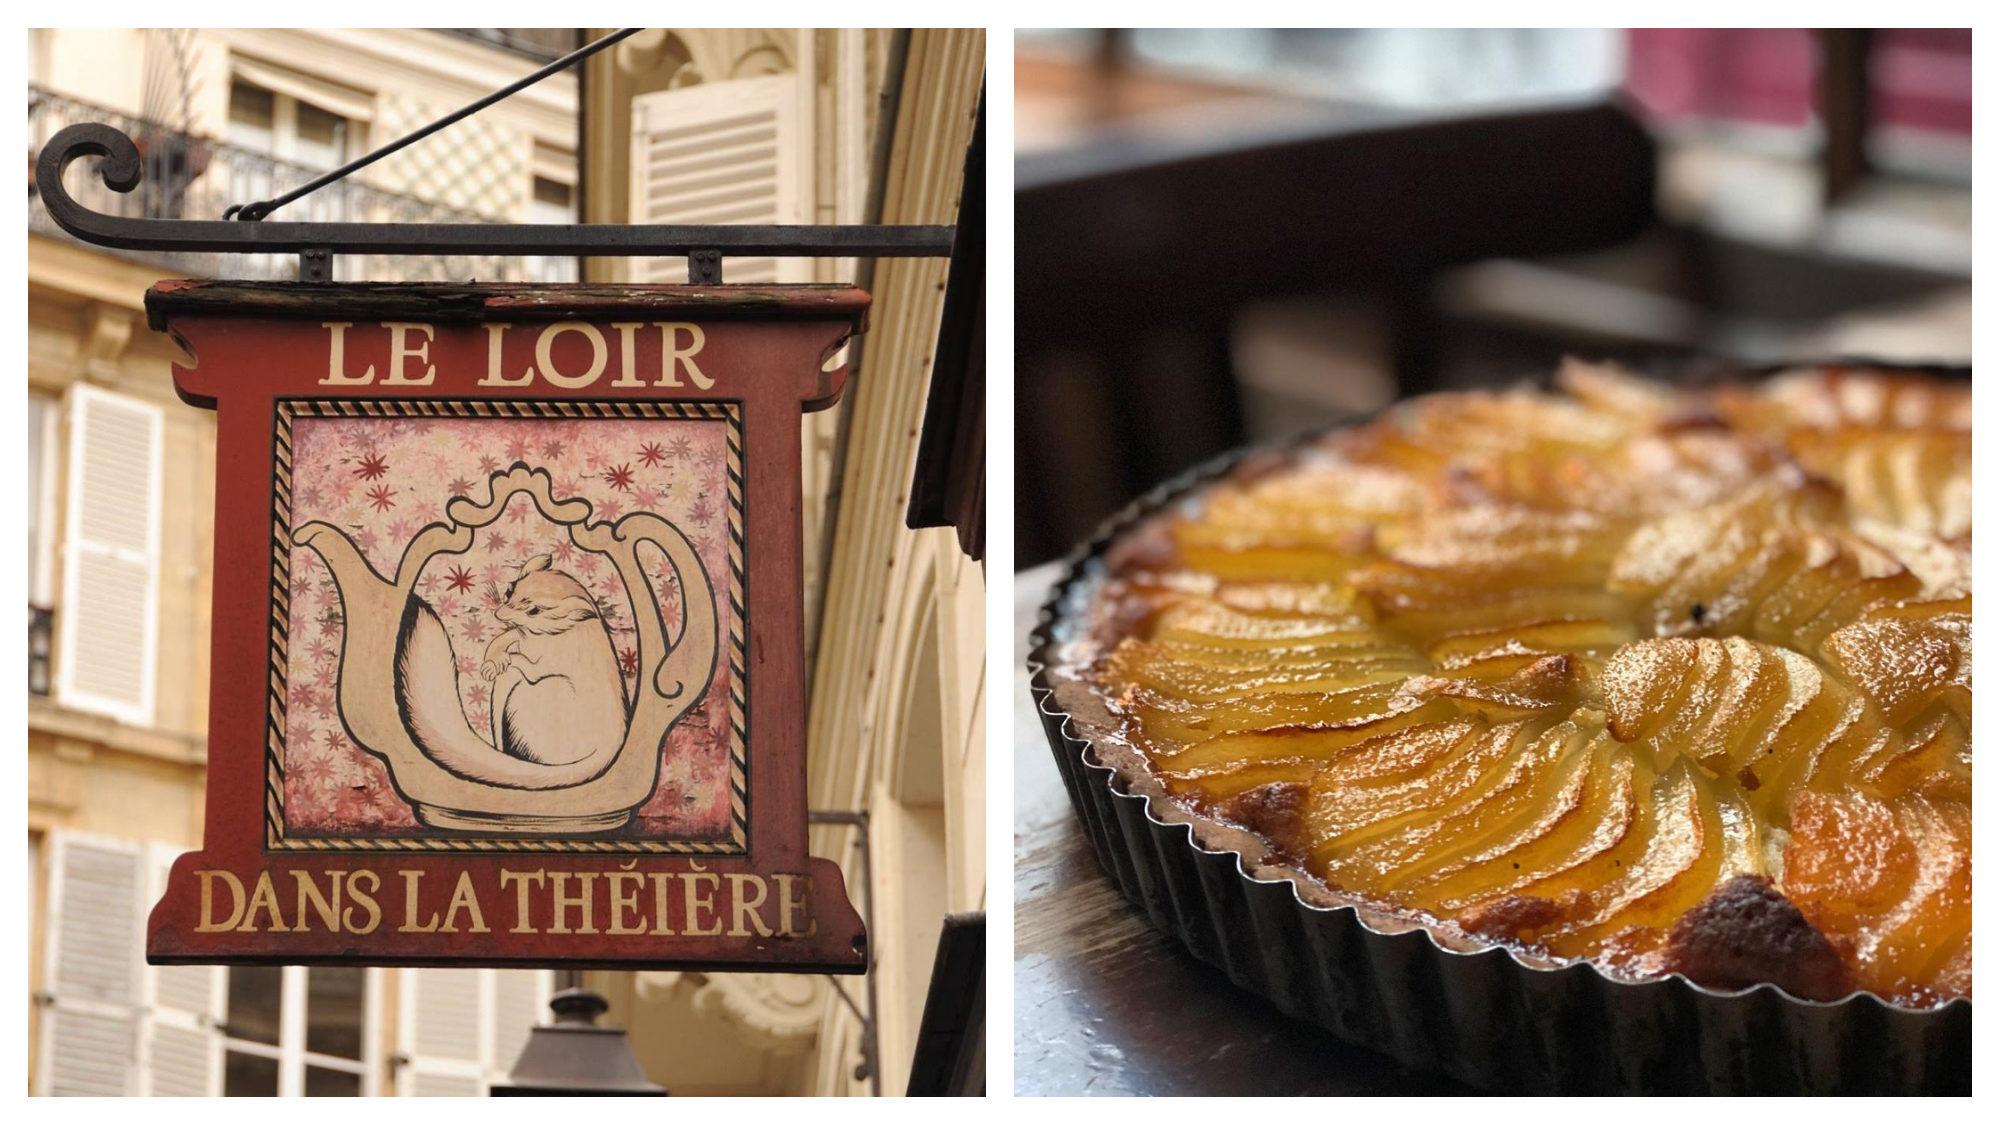 The sign of Le Loir dans la Théière café in Paris' Marais area (left) and a pear tart on a wooden table (right).